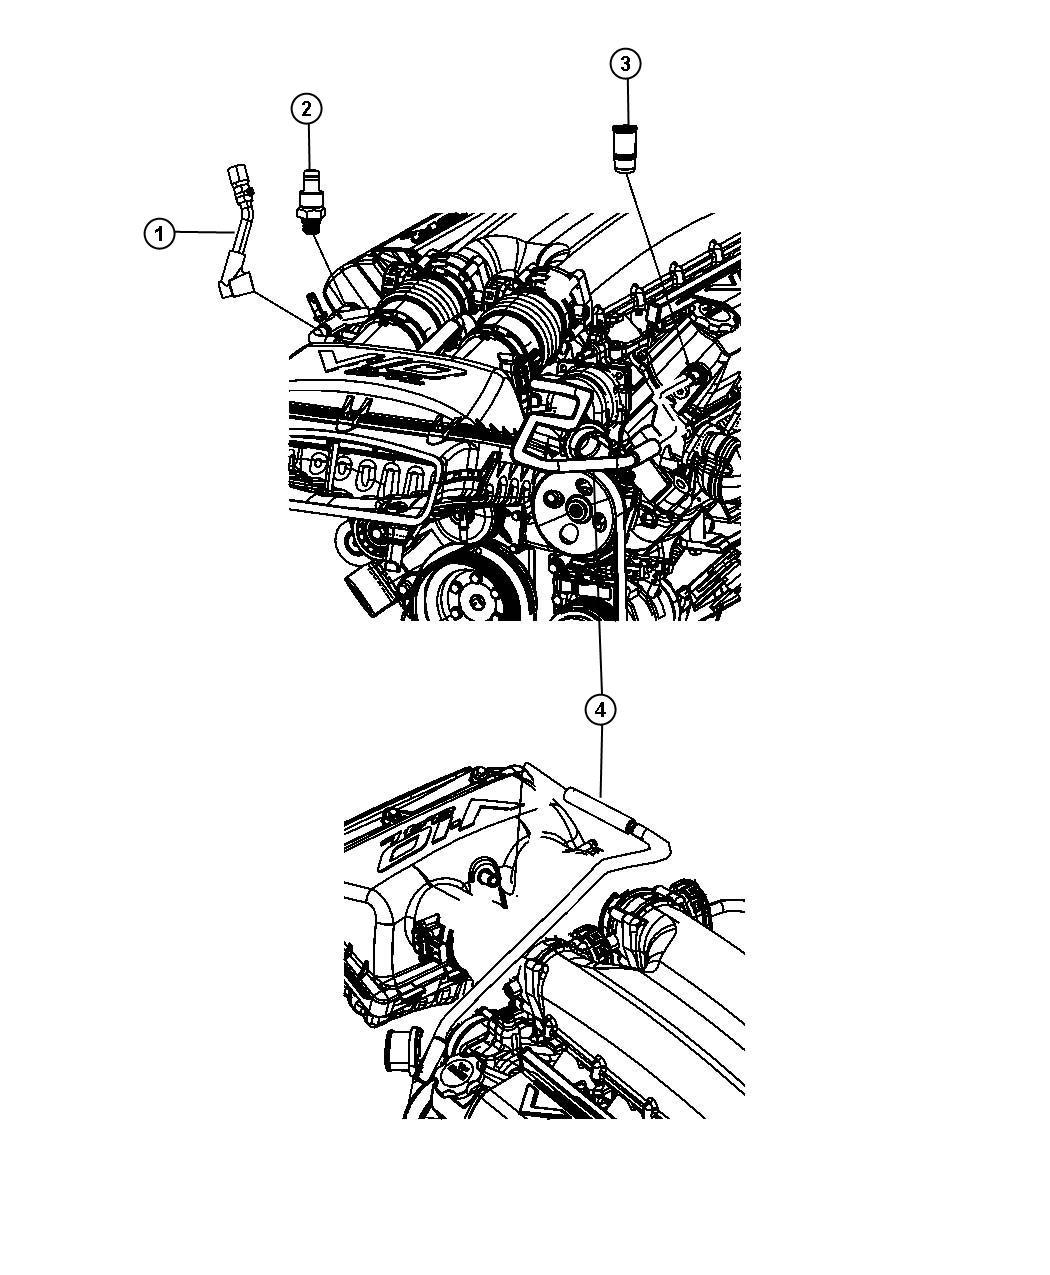 2009 Dodge Dakota Valve. Pcv. Engine, sfi, ventilation